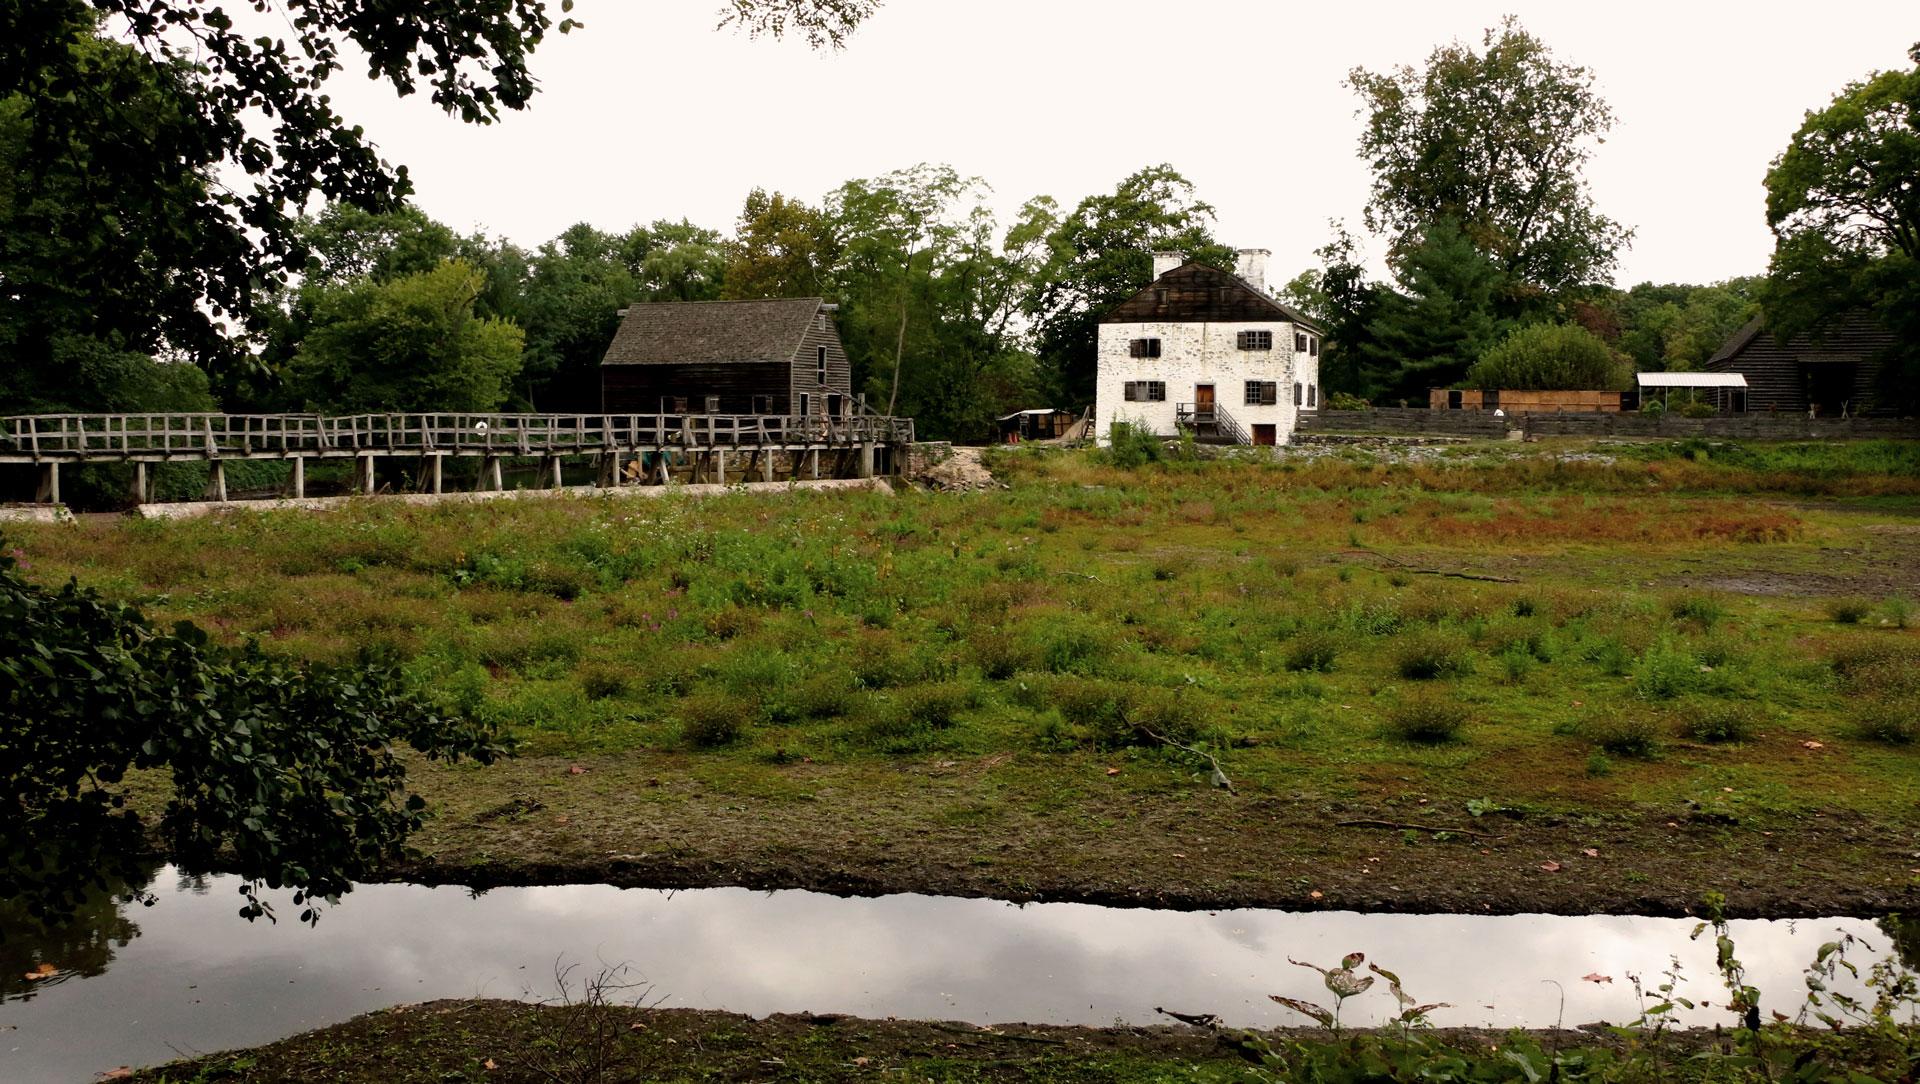 anapicossleepyhollow02-puente-molino-casa-senorial-y-granero-holandes